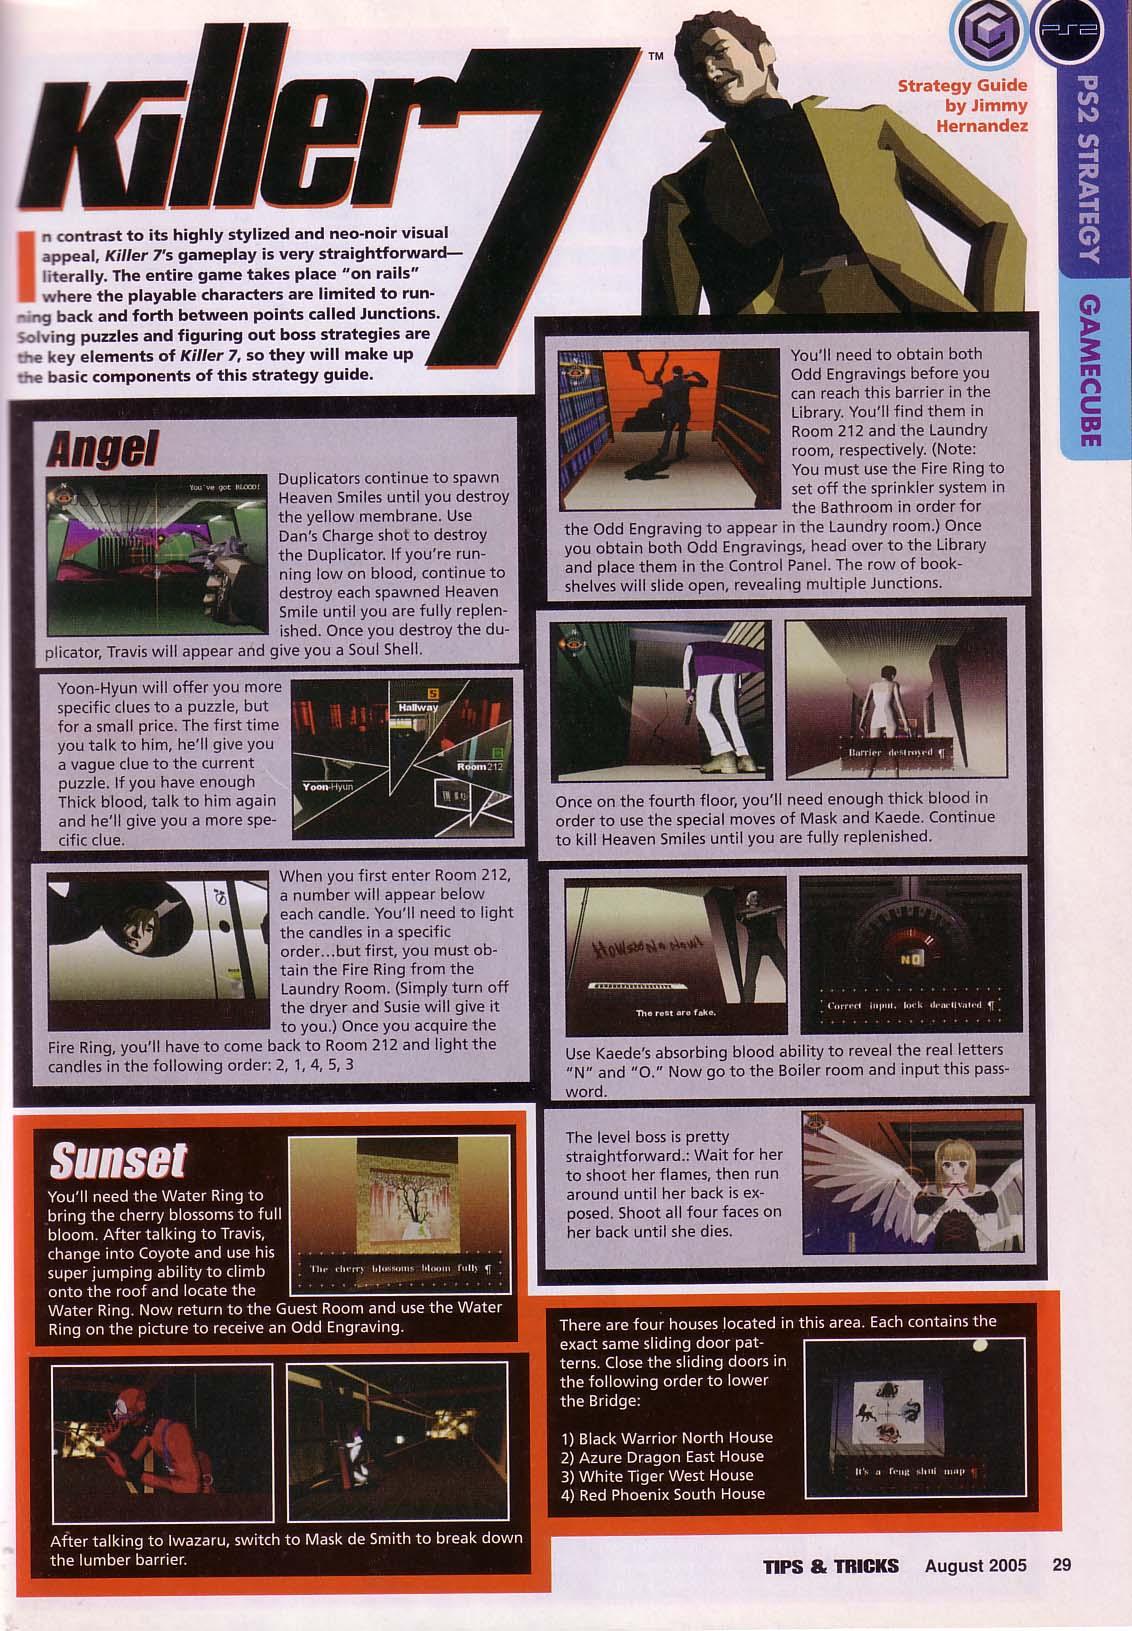 TipsandTricks_Aug_2005_Killer7_pg1_Strategy.jpg